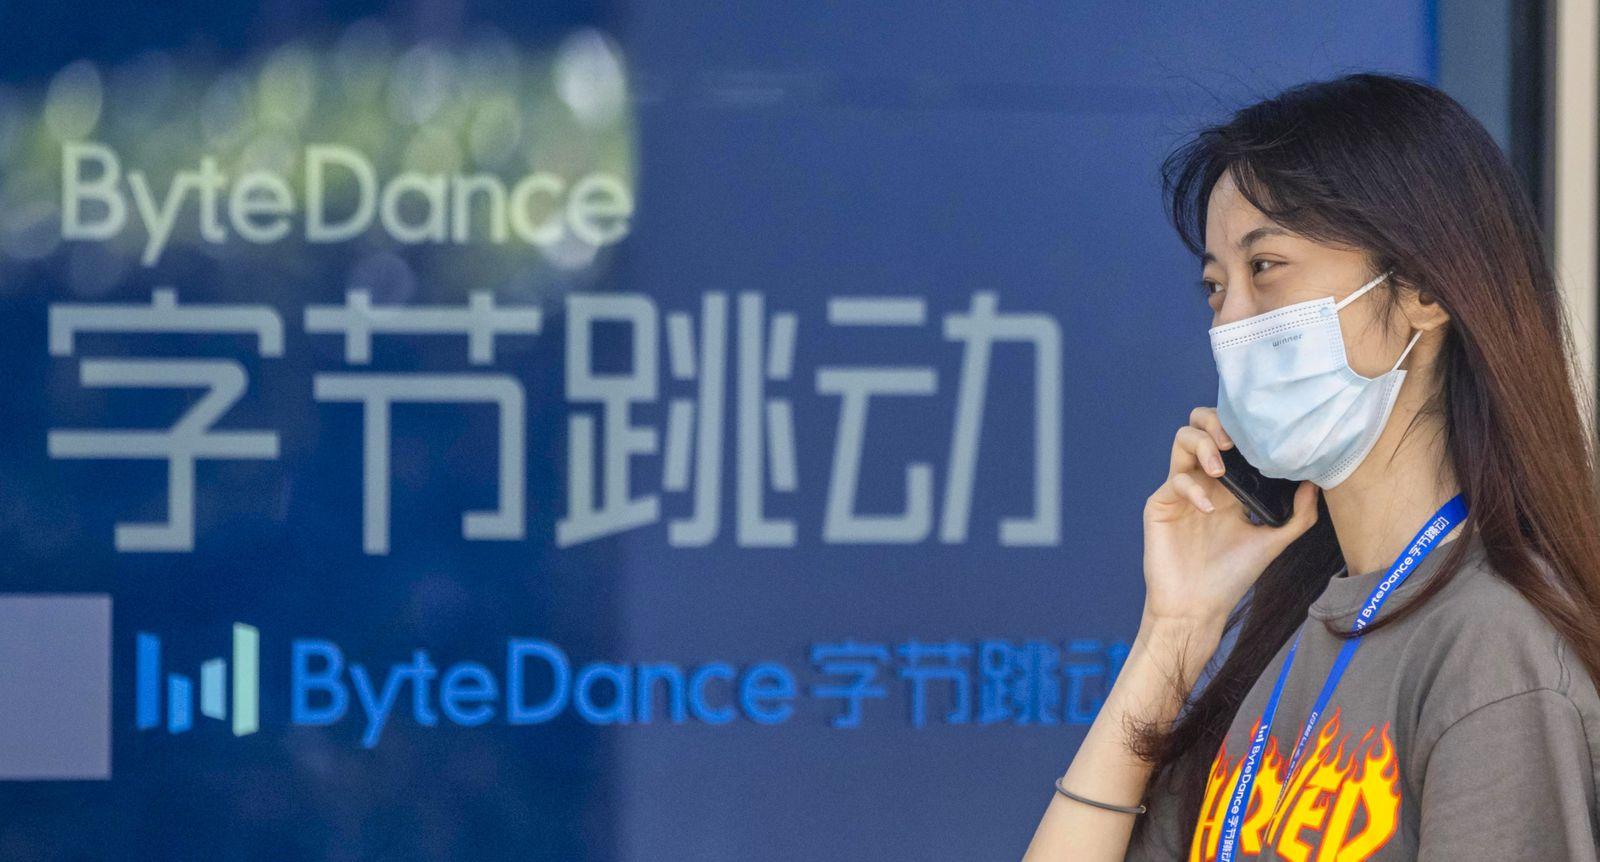 Shanghai Bytedance - TikTok ban, China - 03 Aug 2020